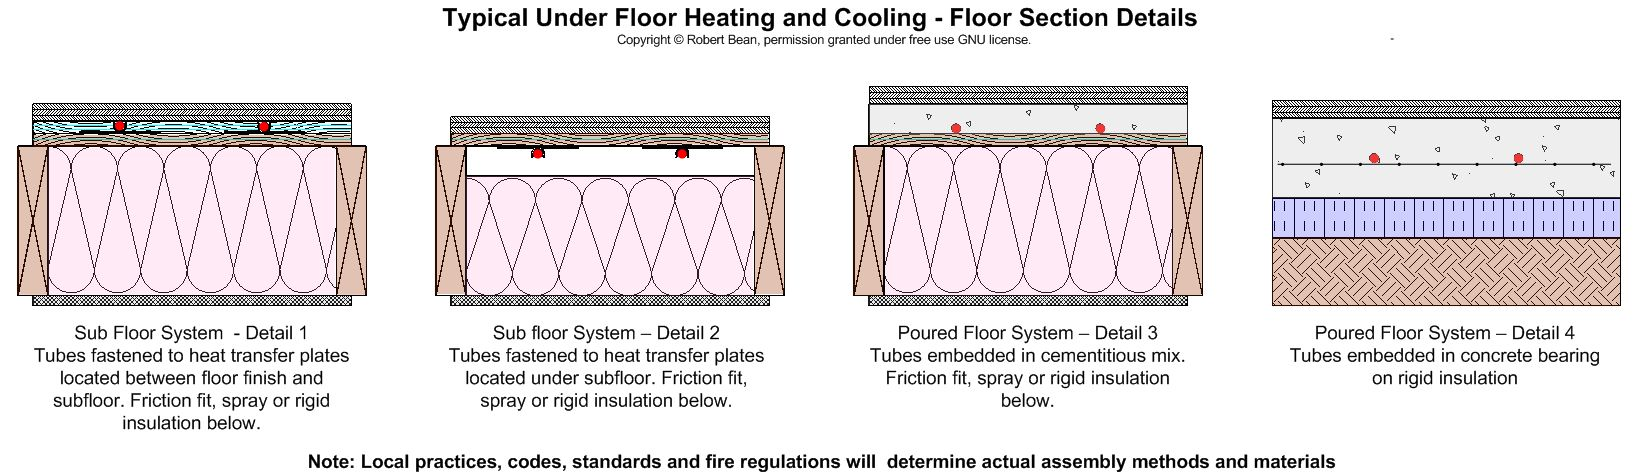 Floor Heat Concepts Floor Heating Concepts Underfloor